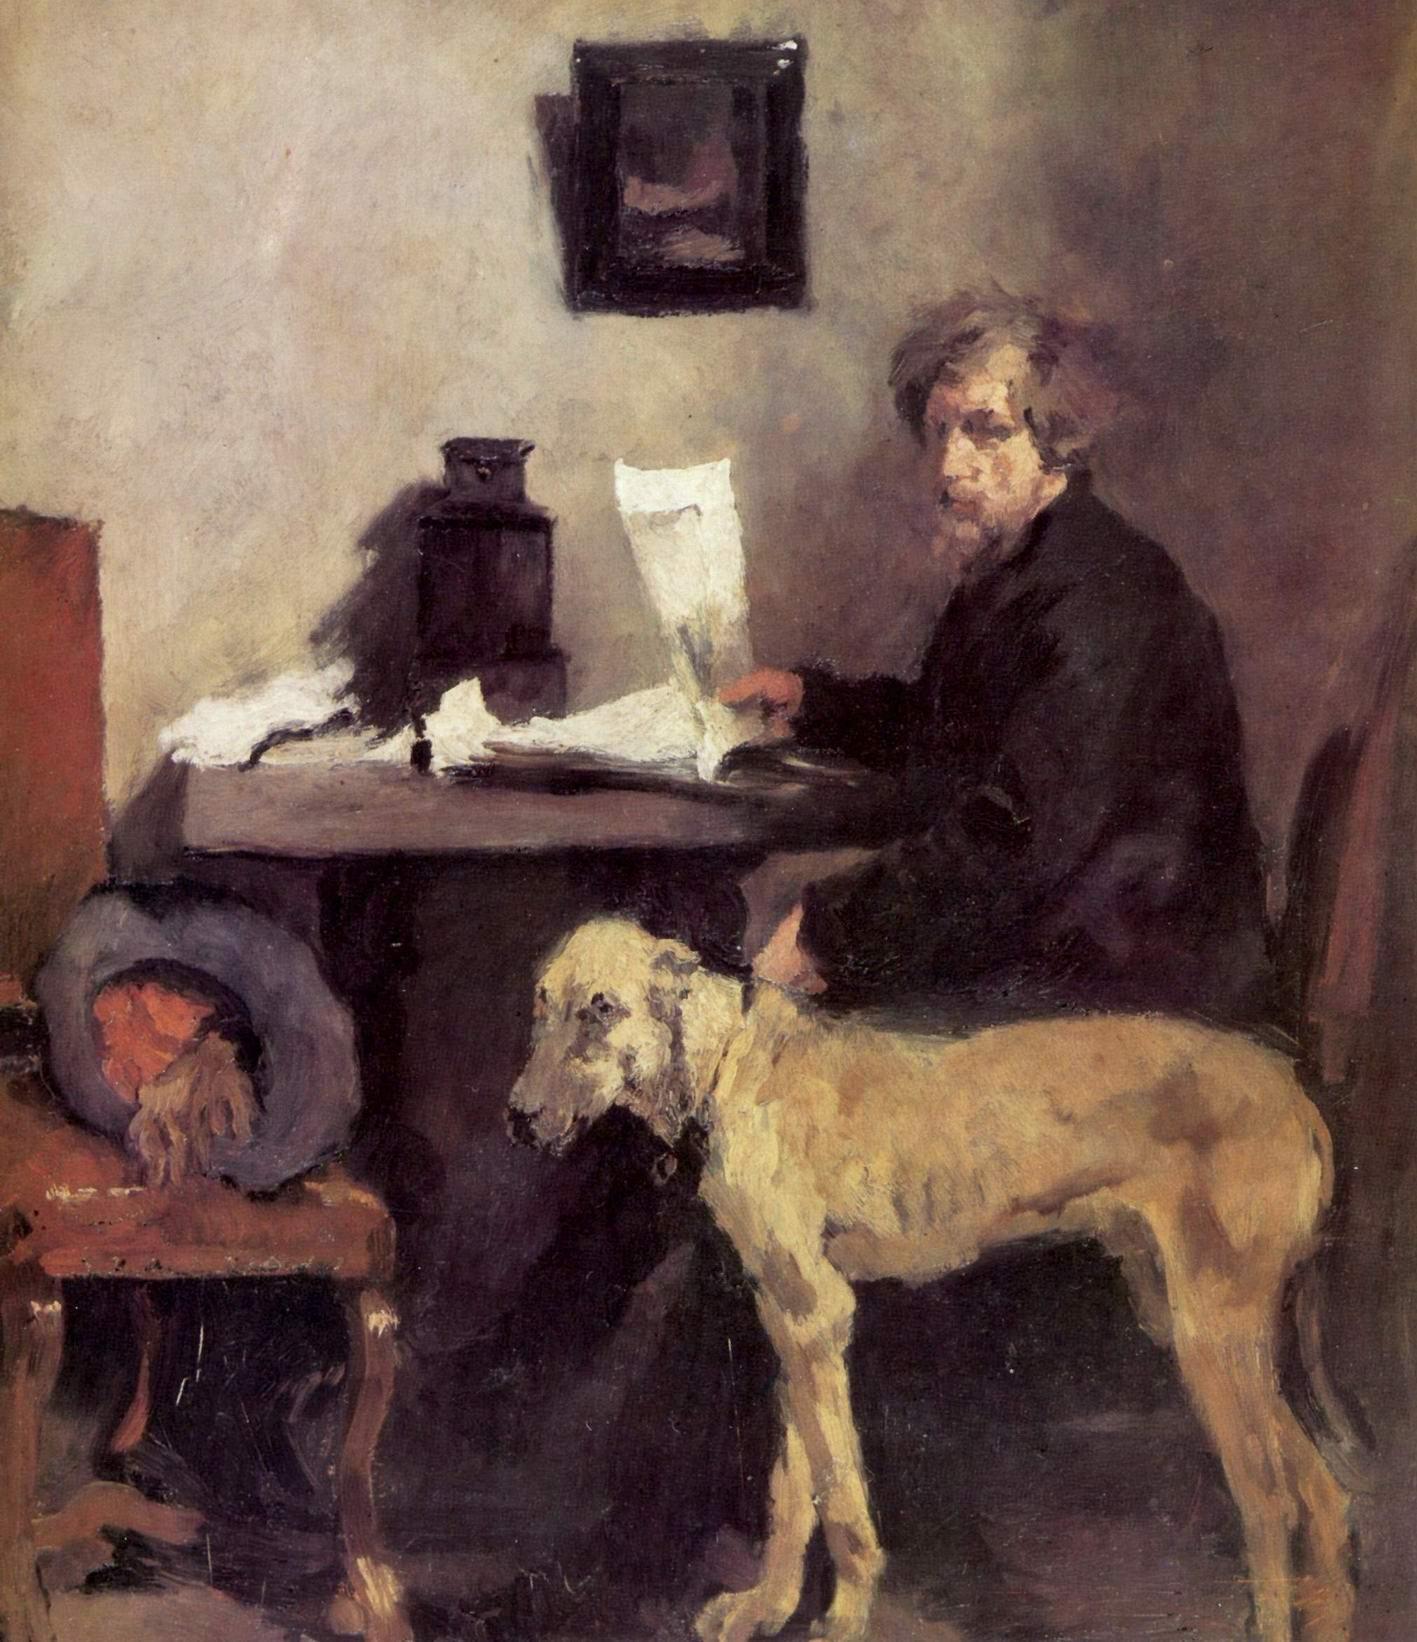 Портрет художника Заттлера с его догом, Лейбль Вильгельм Мария Хубертус